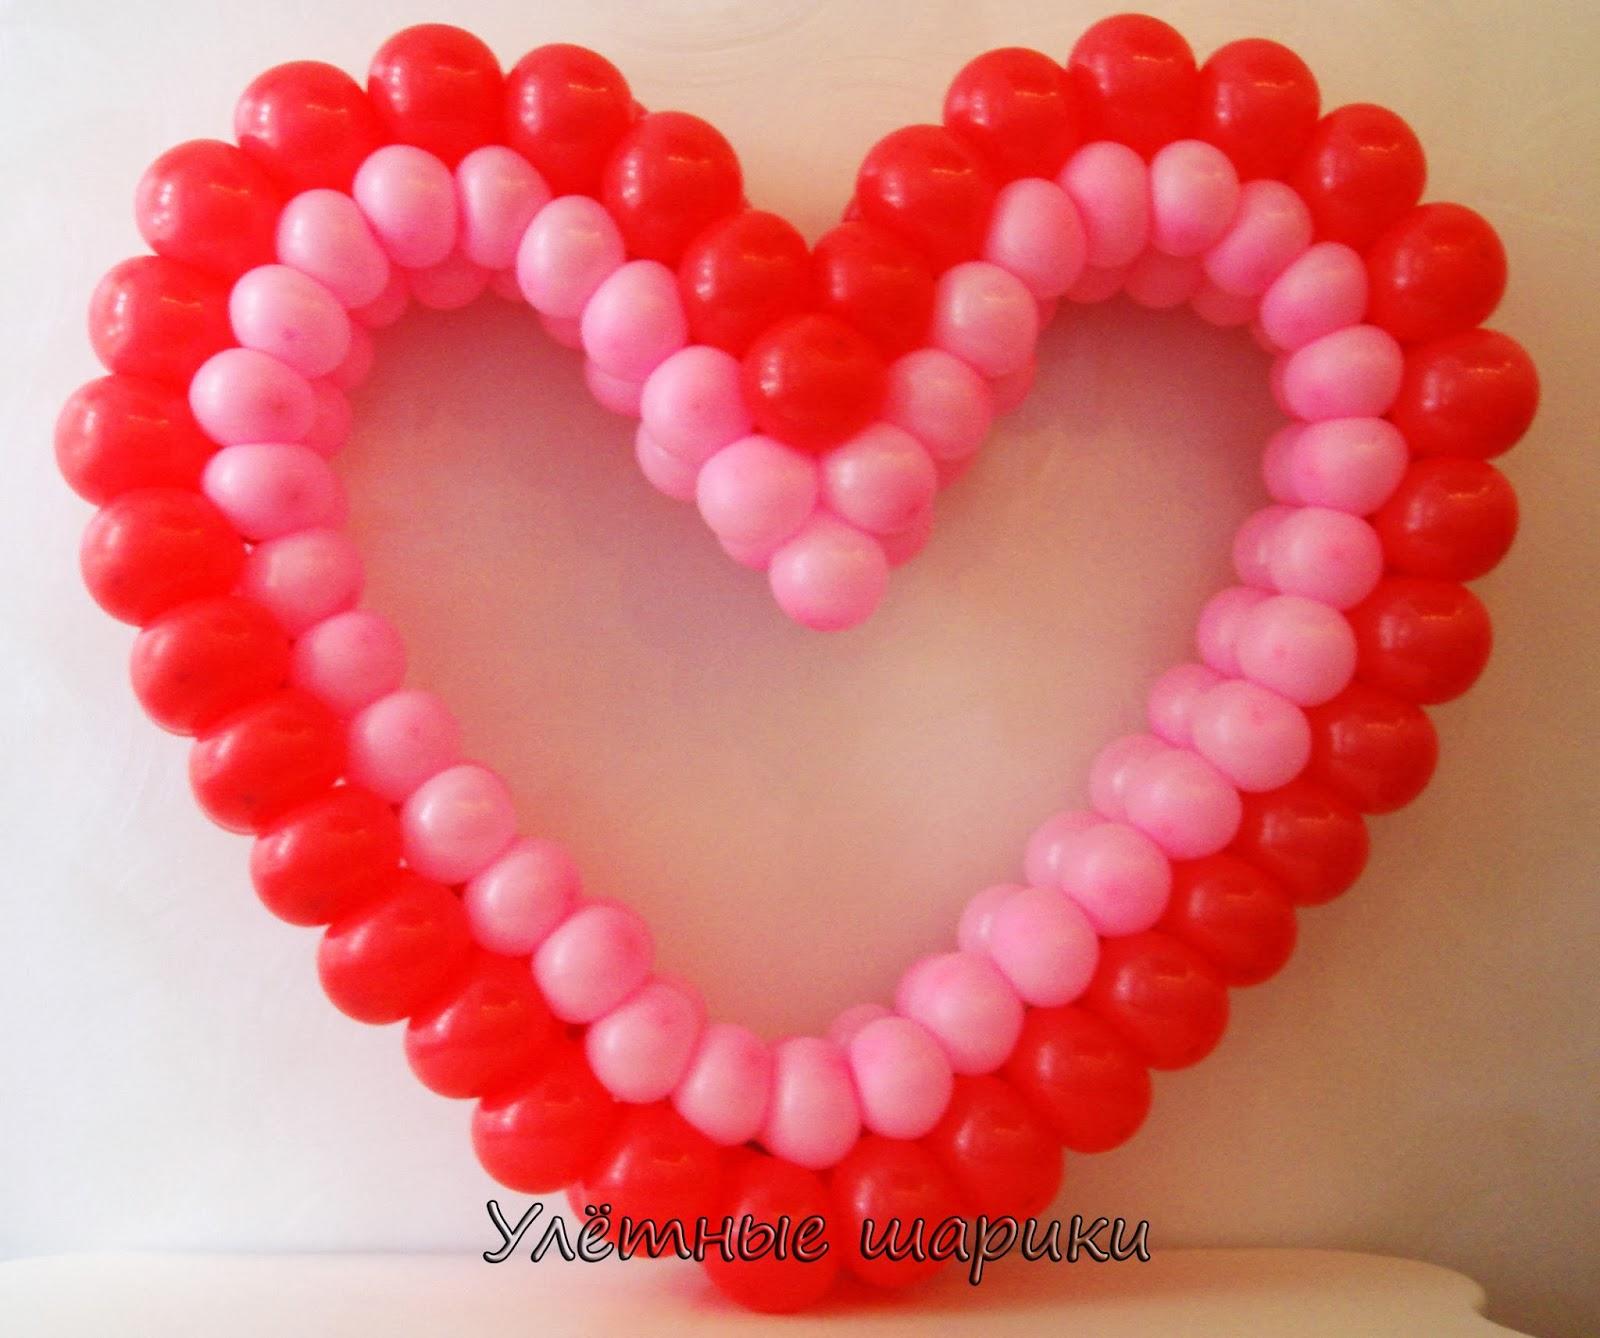 Сердце из круглых шариков